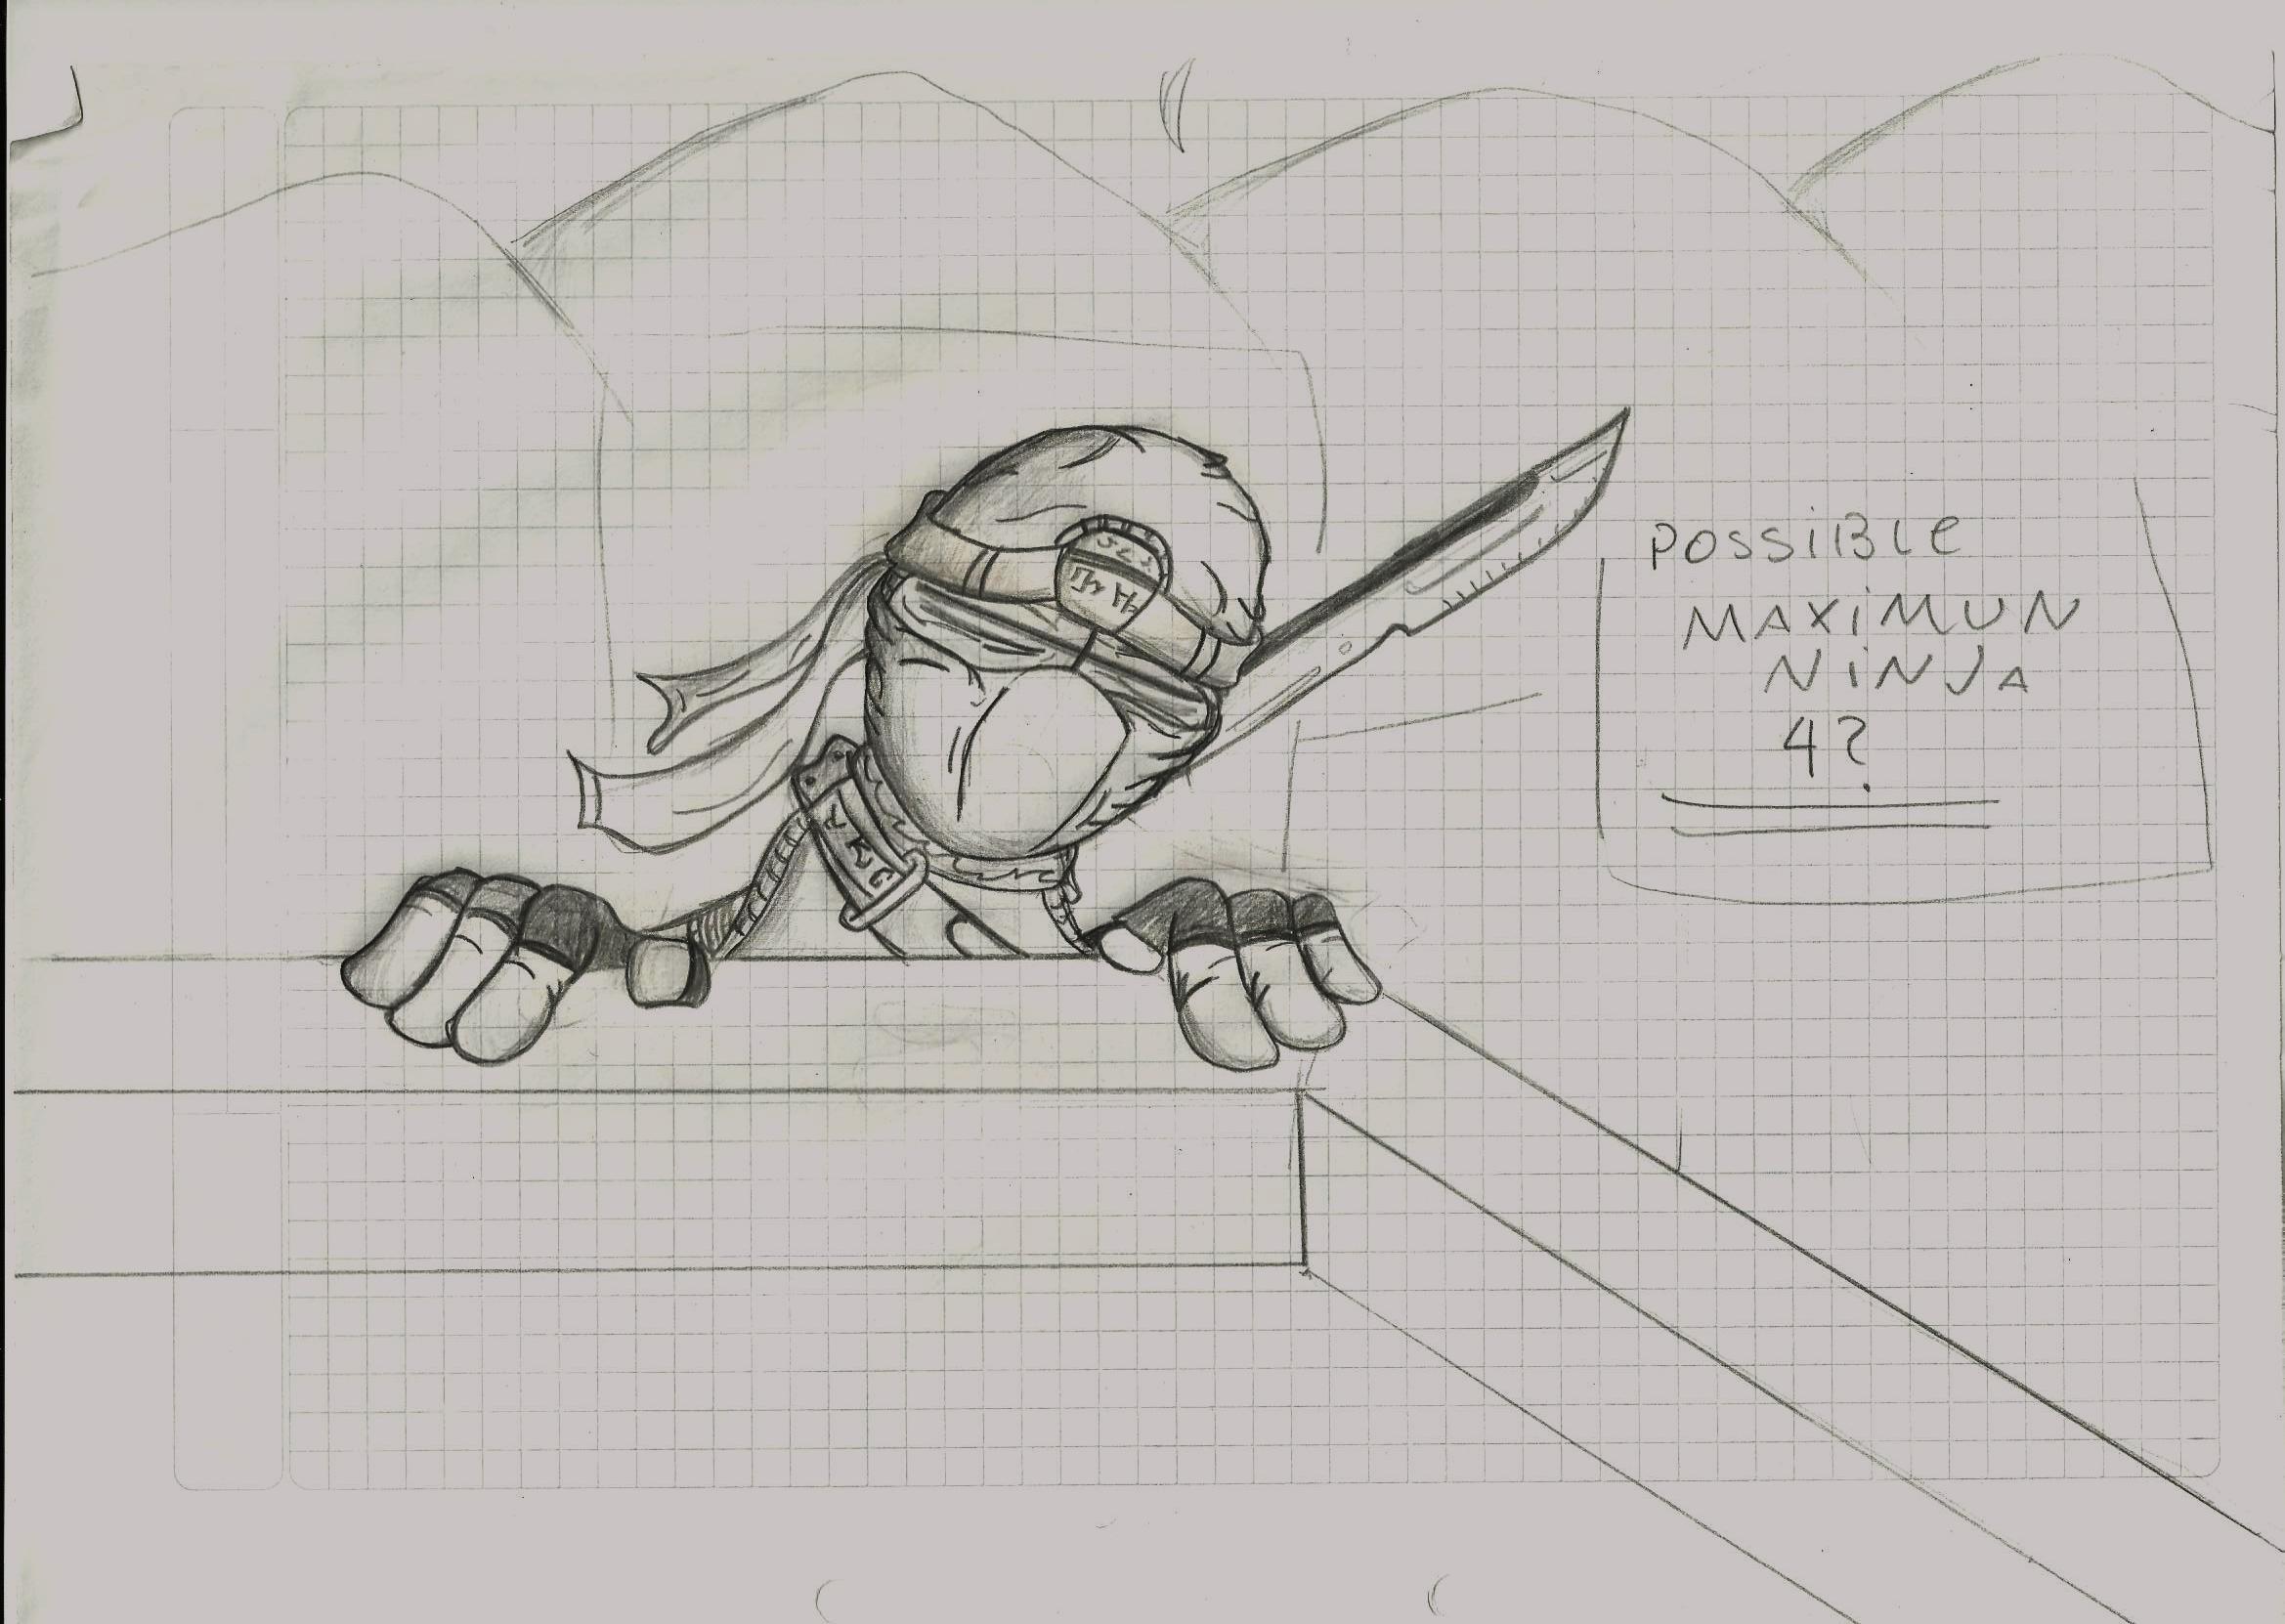 possible maximun ninja 4